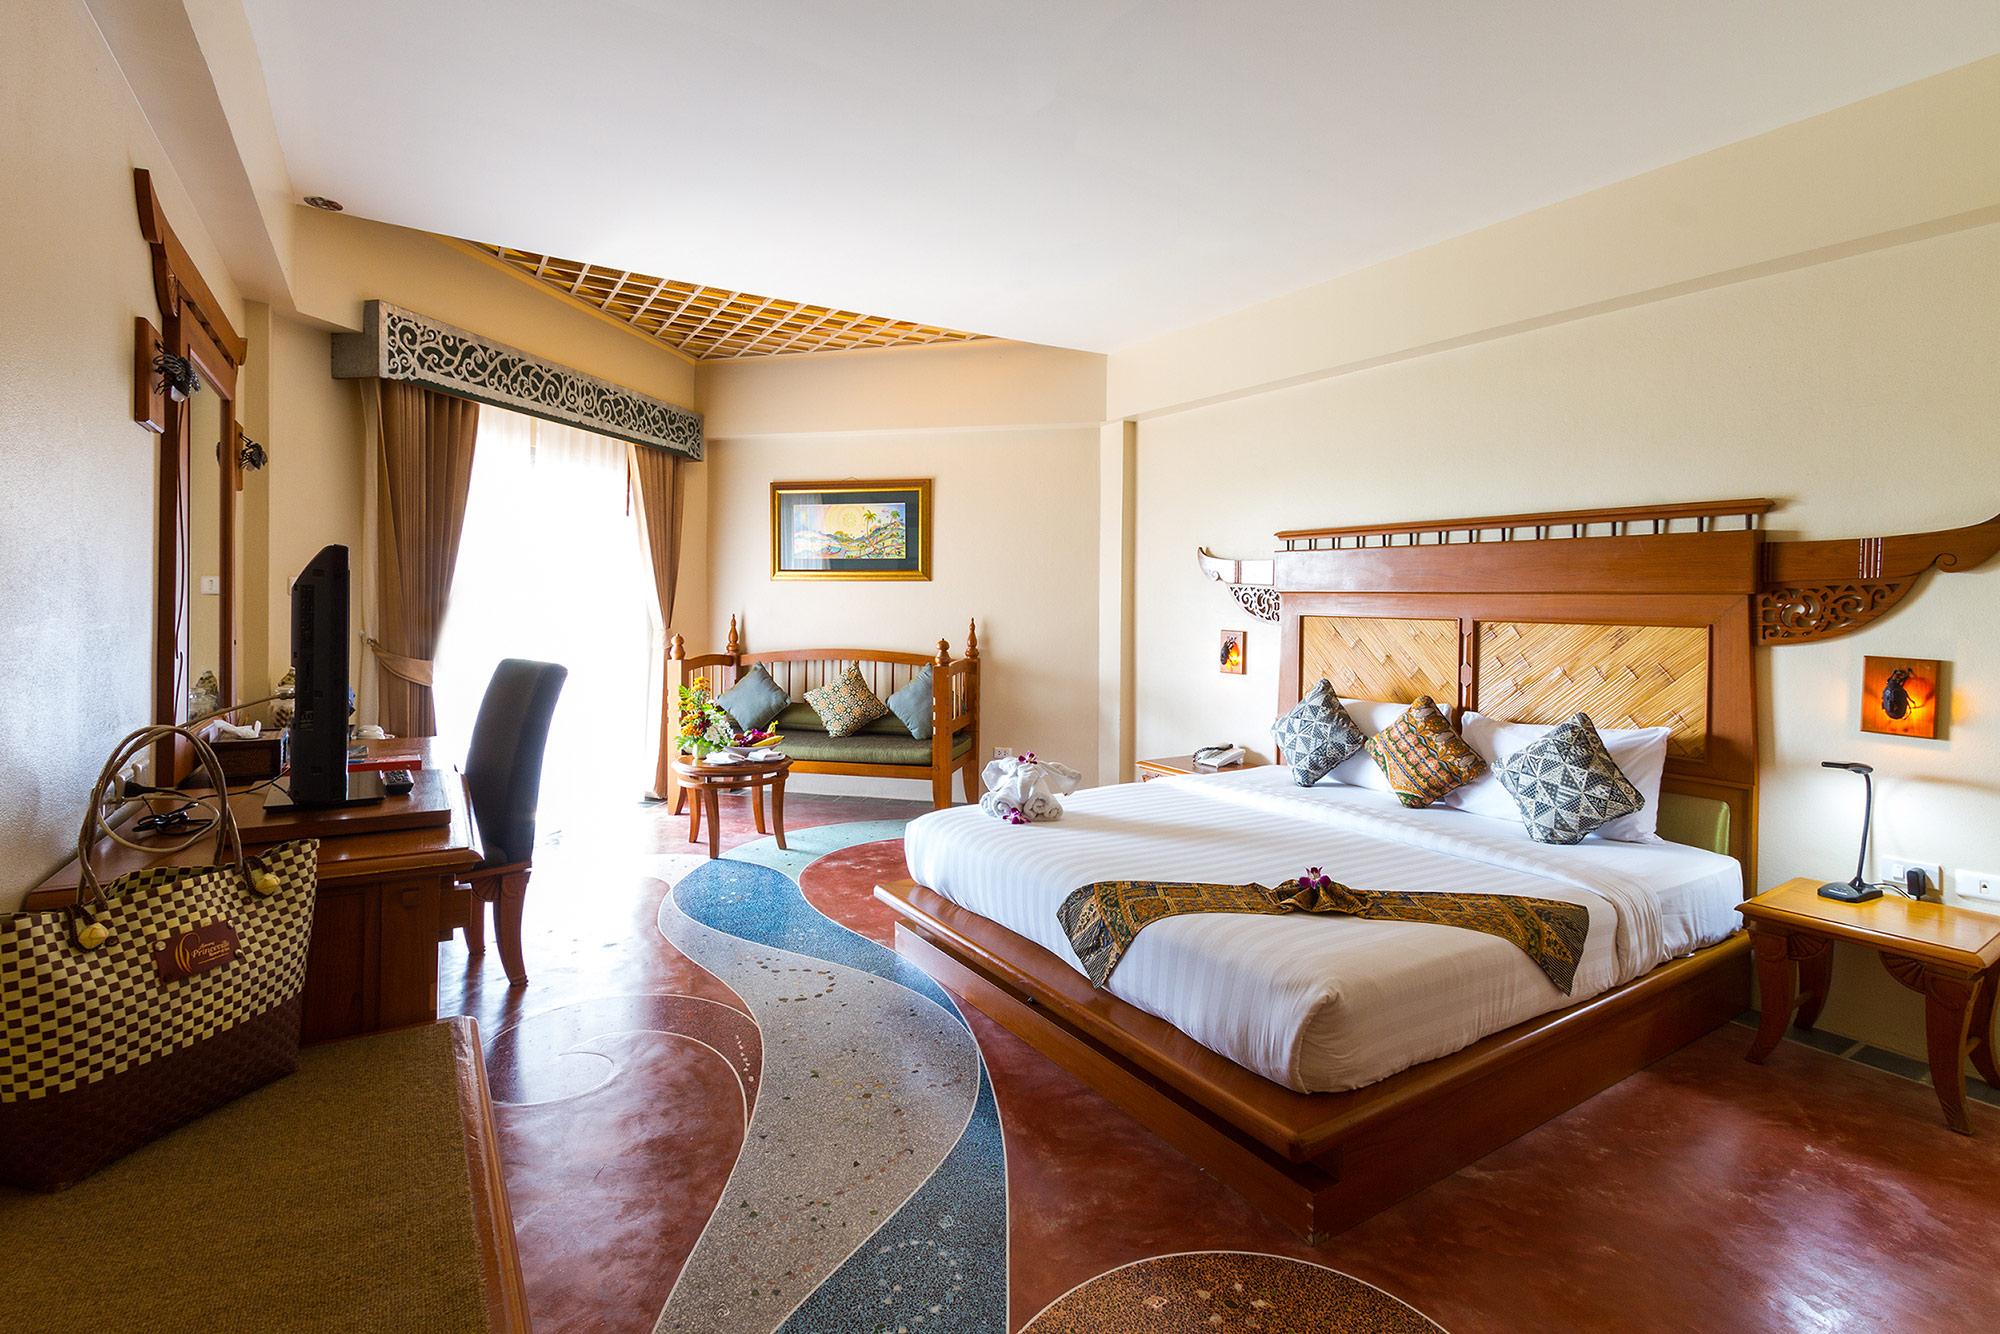 อ่าวนาง ปริ๊นซ์วิลล์ รีสอร์ท แอนด์ สปา Aonang Princeville Resort & Spa  อ่าวนาง ปริ๊นซ์วิลล์ รีสอร์ท แอนด์ สปา Aonang Princeville Resort IMG 0220